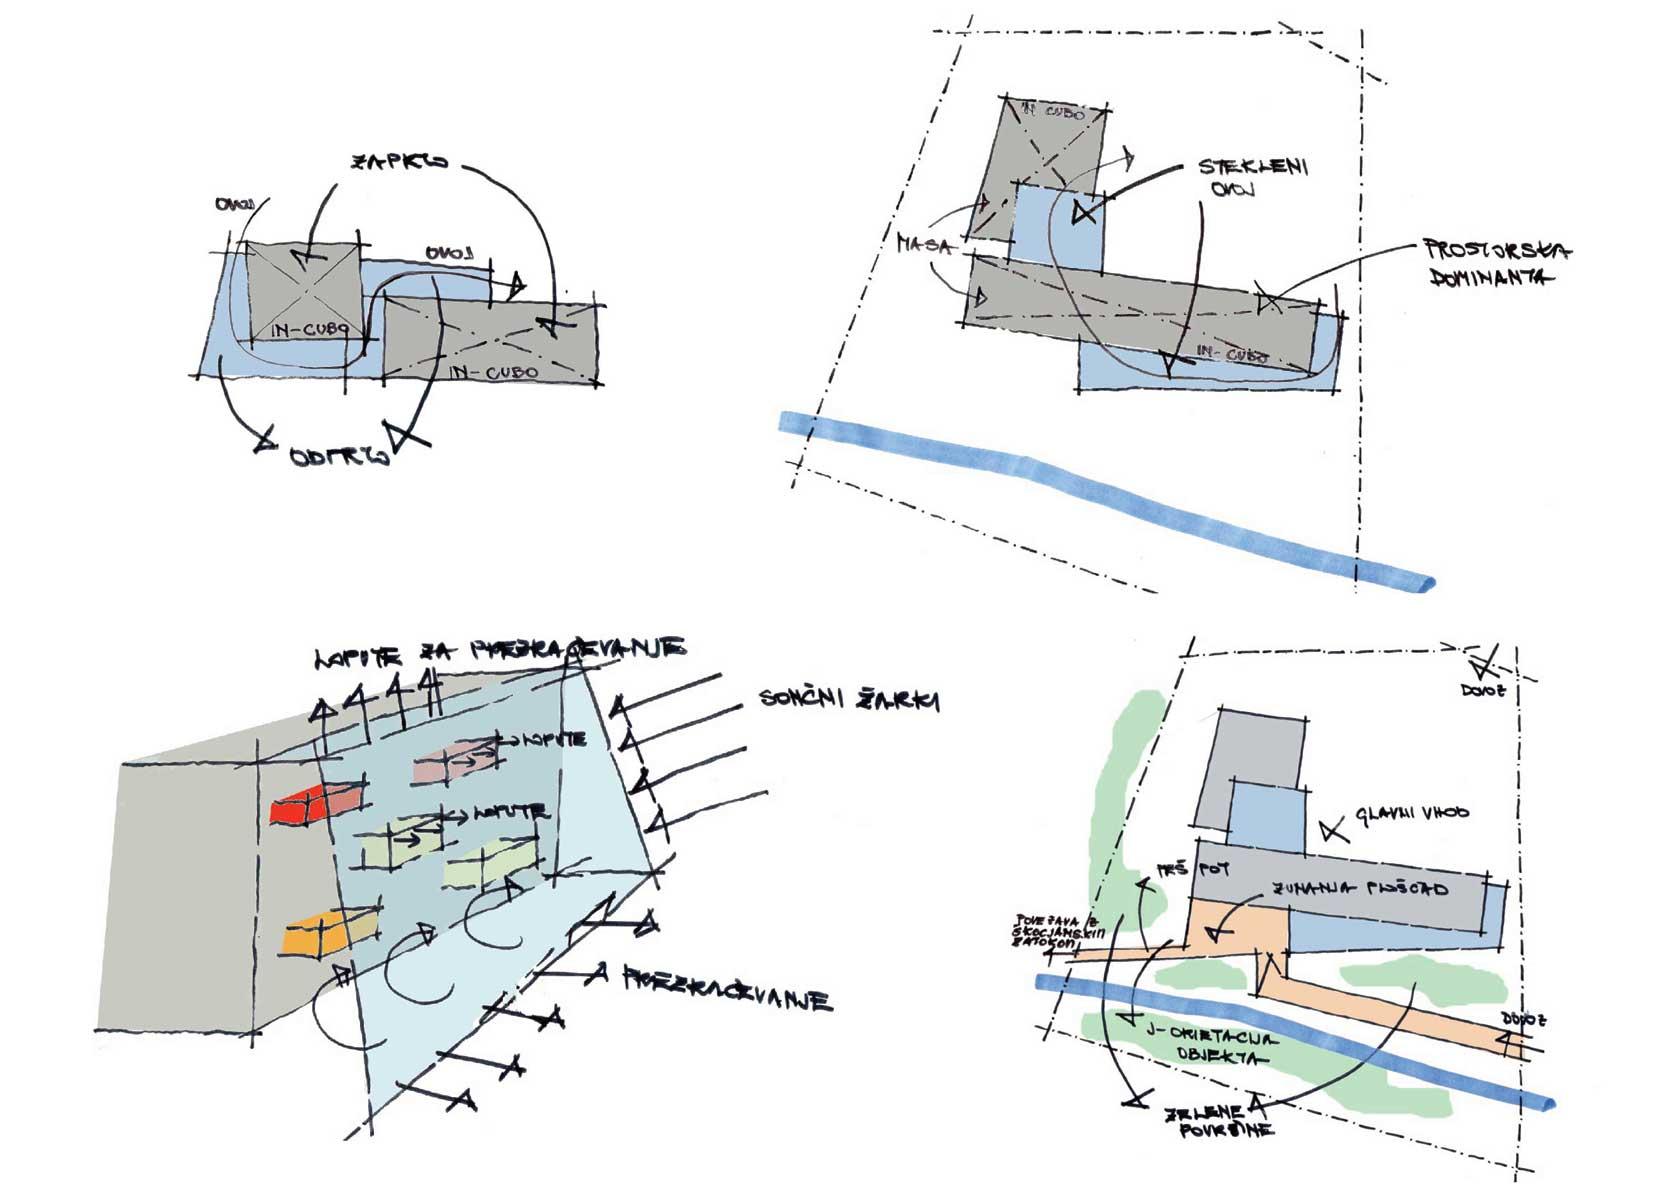 Arhitekturna zasnova javne stavbe in javnih površin.